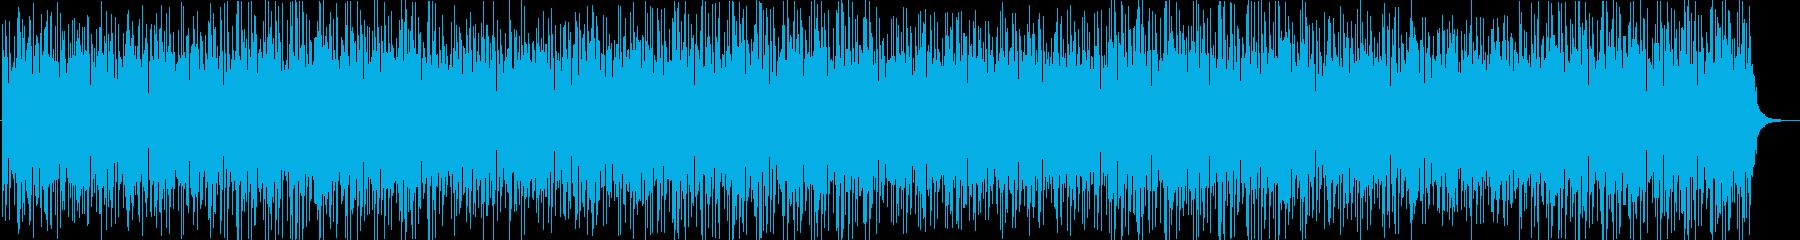 歯切れの良い軽快なロックBGMの再生済みの波形